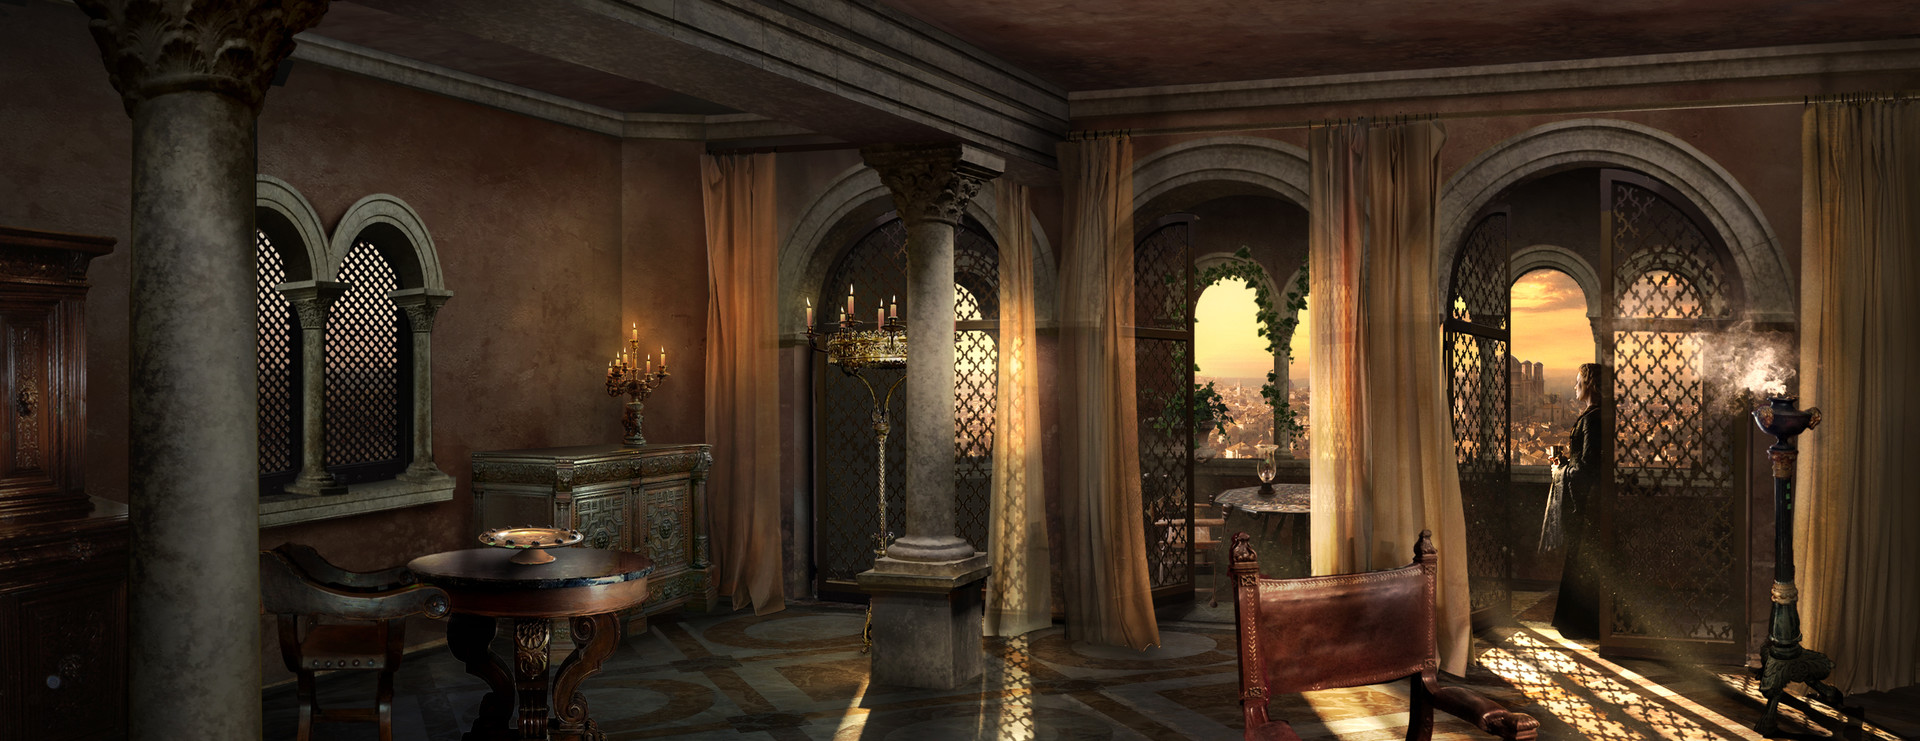 Cersei's Chamber interior